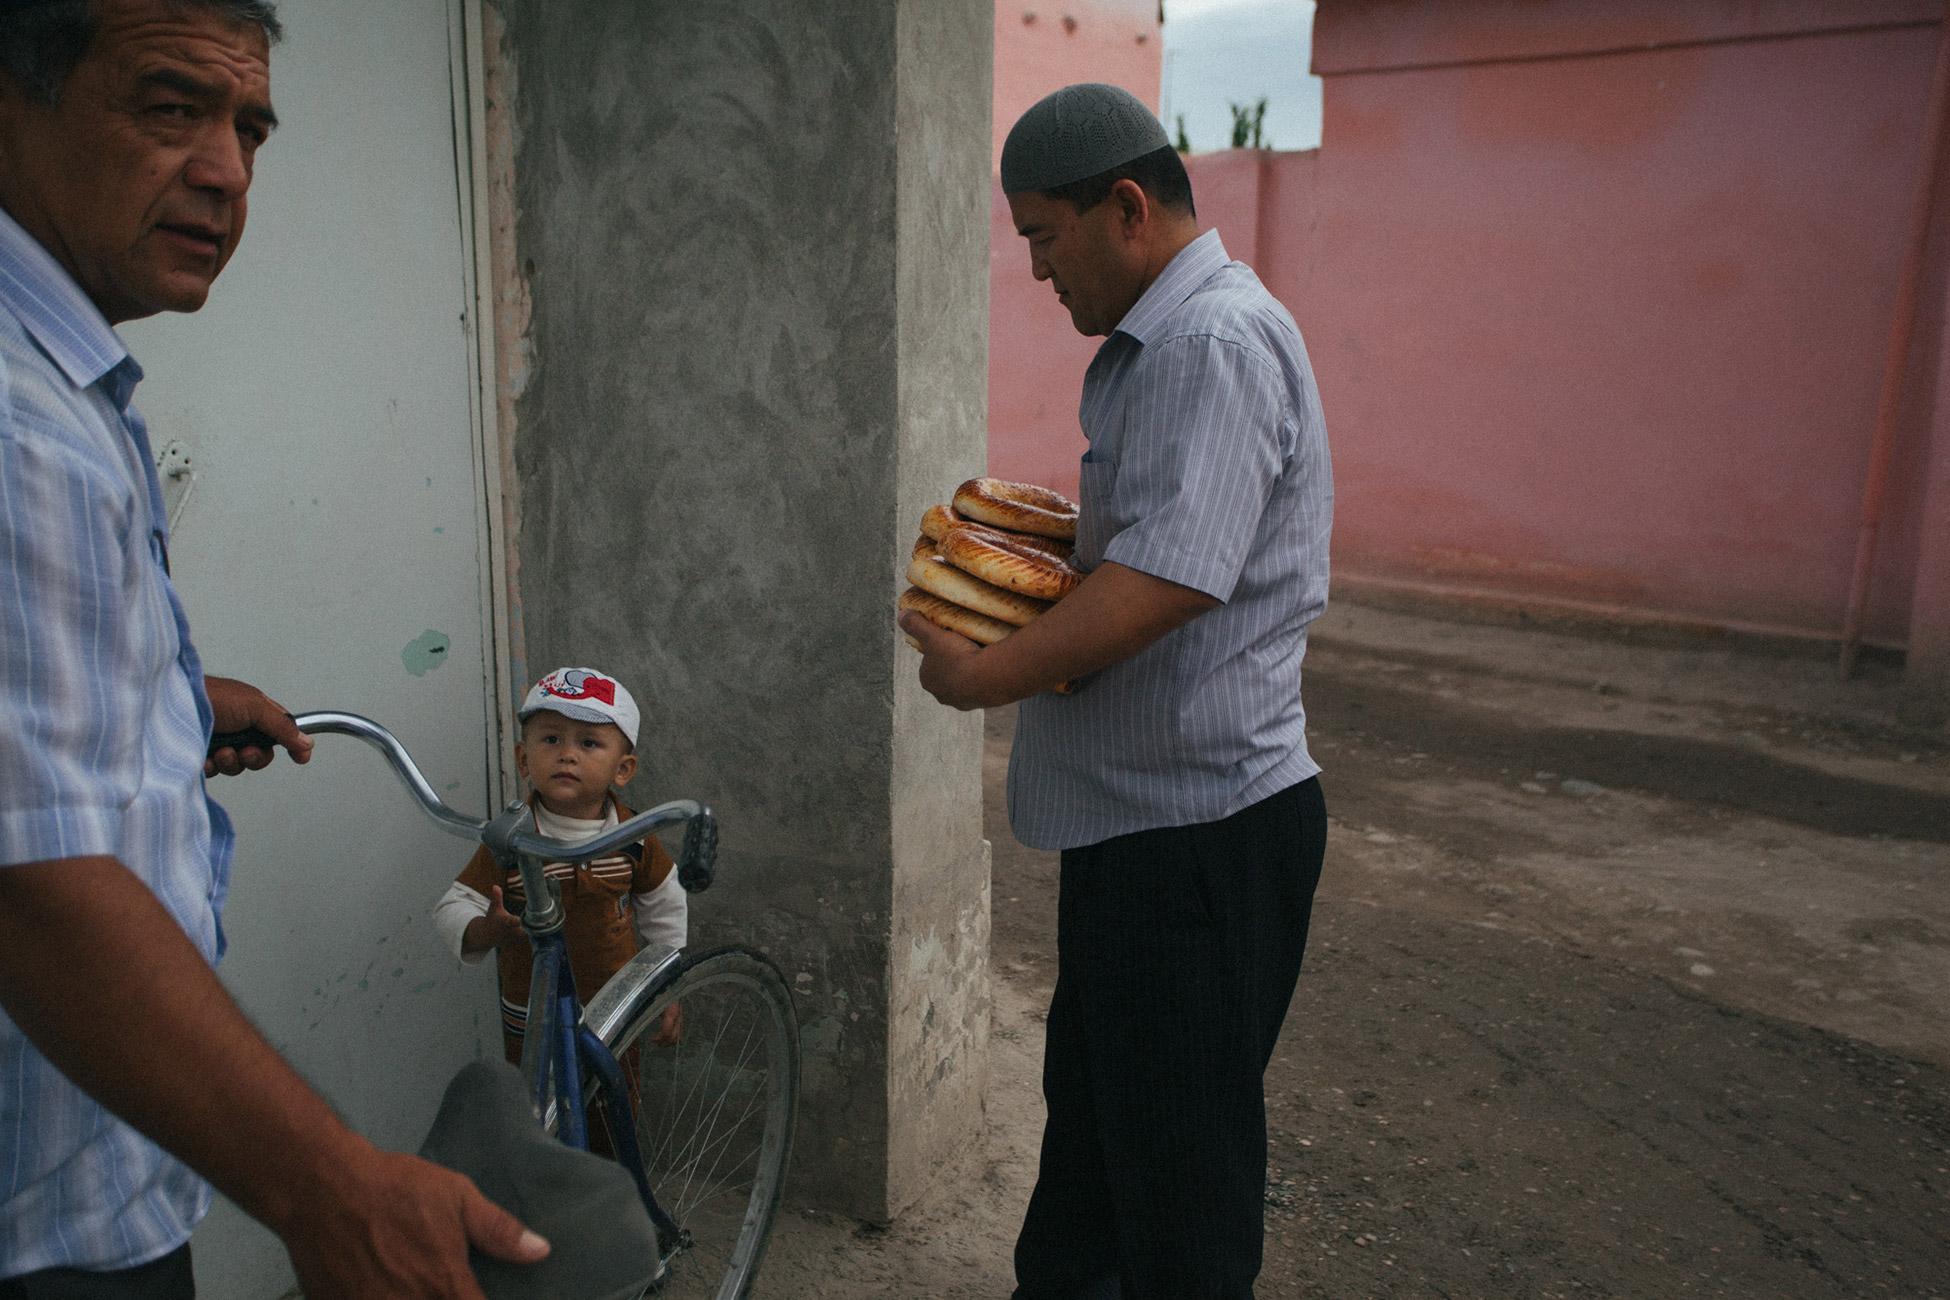 Узбекистан: новые проекты призваны содействовать миру в Ферганской долине